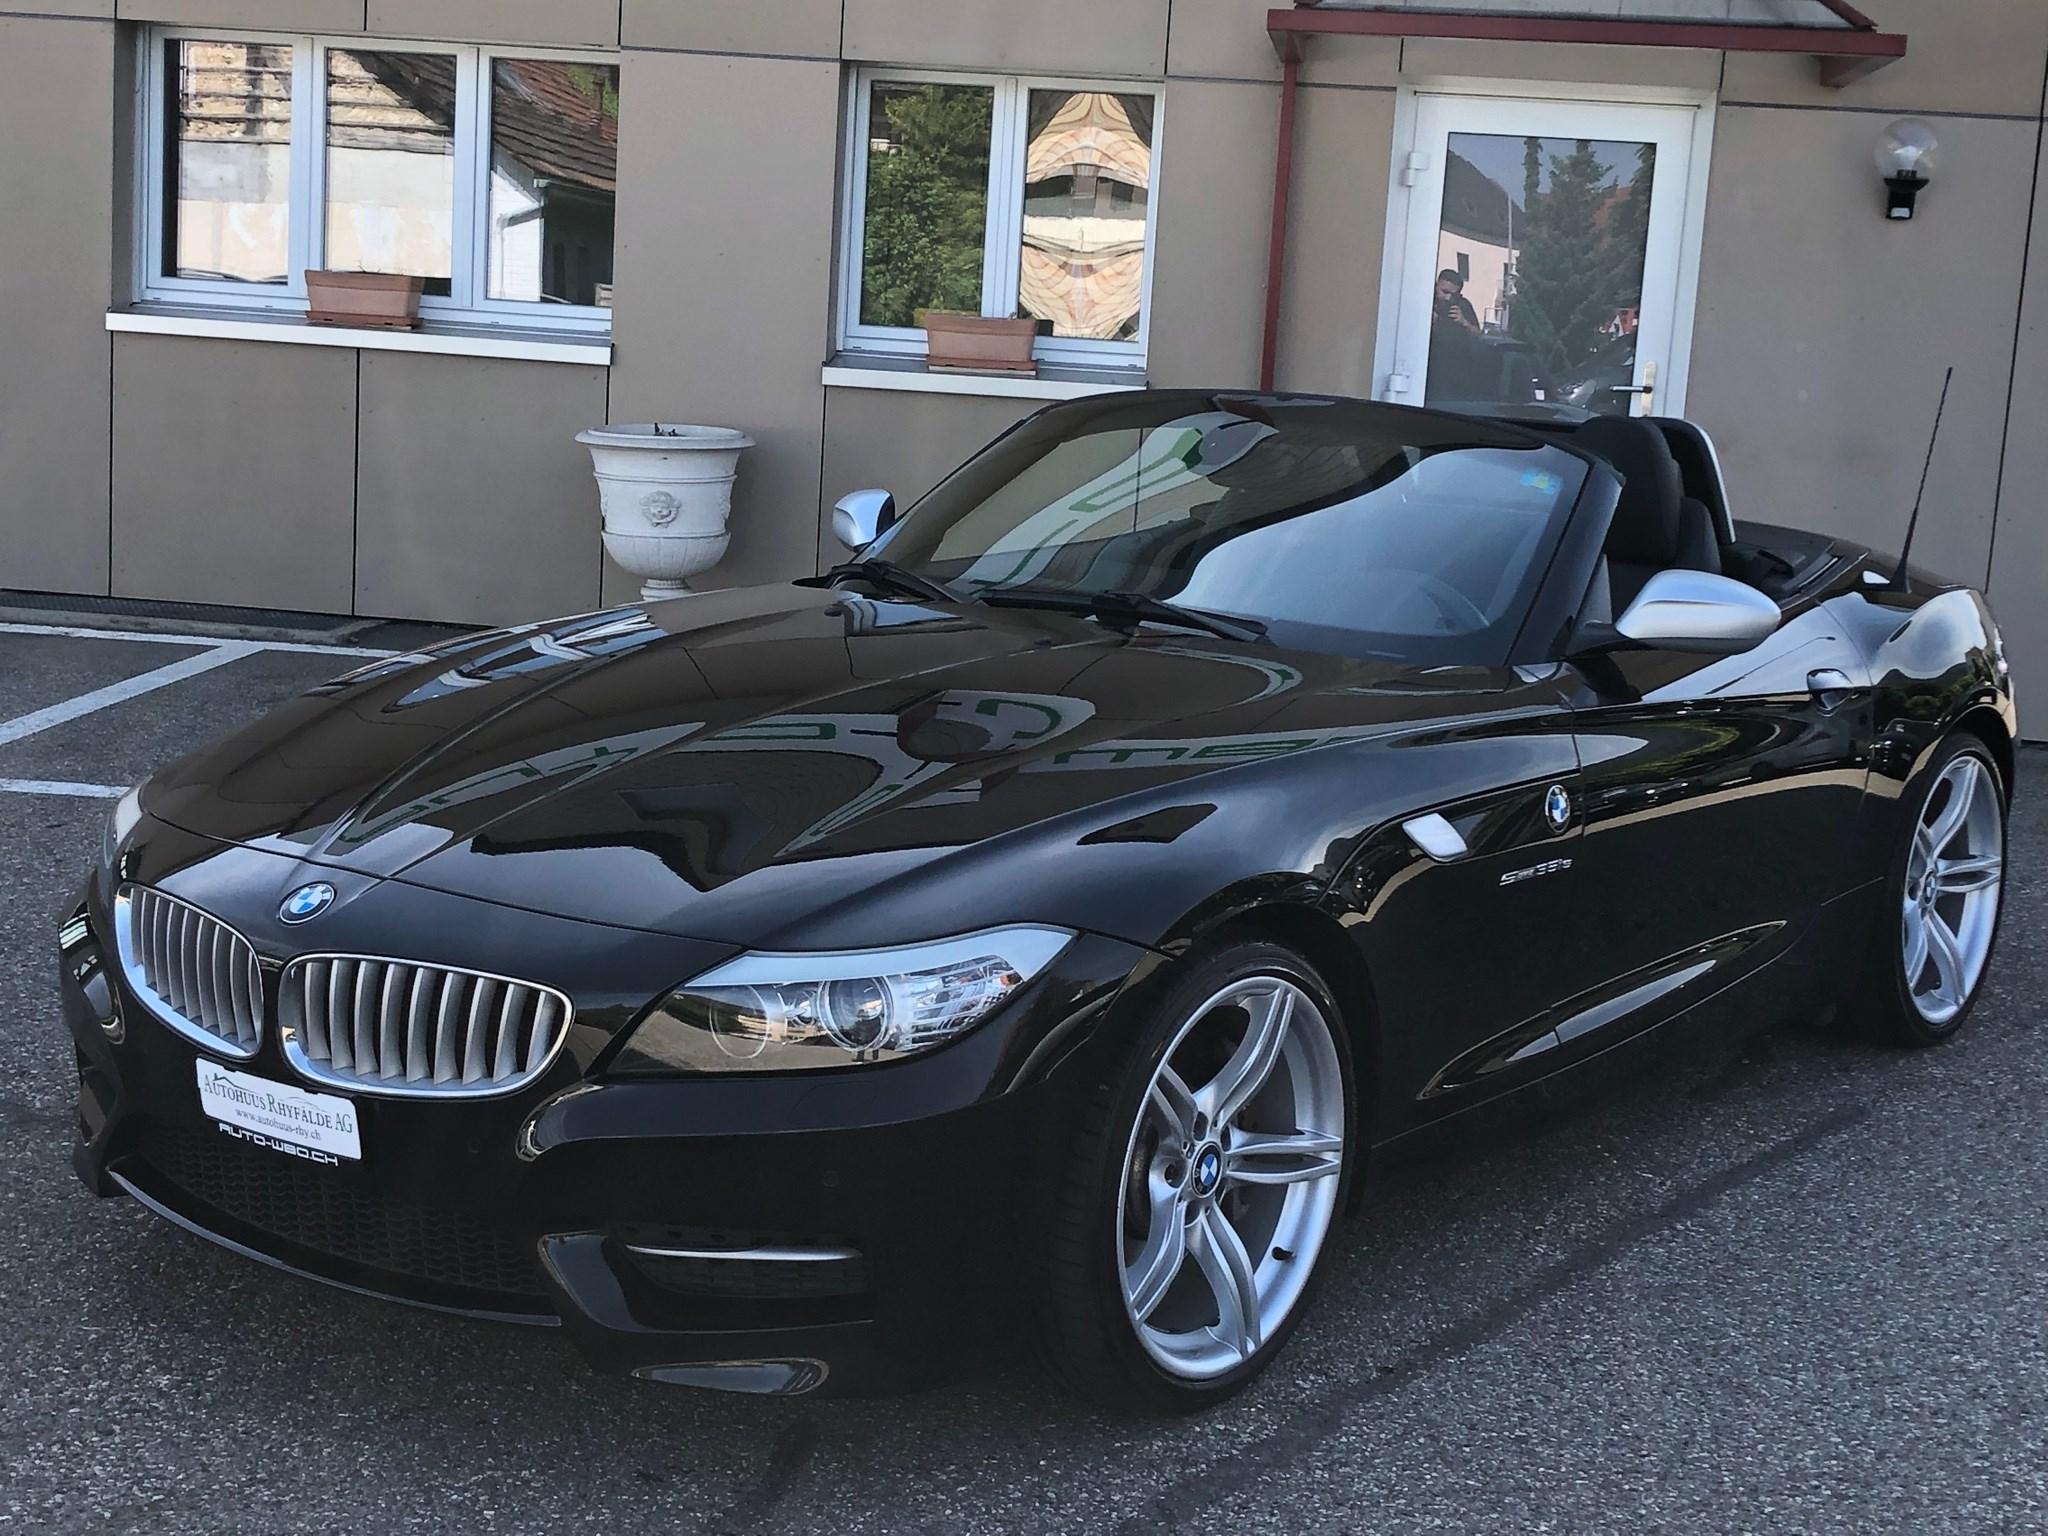 cabriolet BMW Z4 sDrive35is DKG I 340PS I